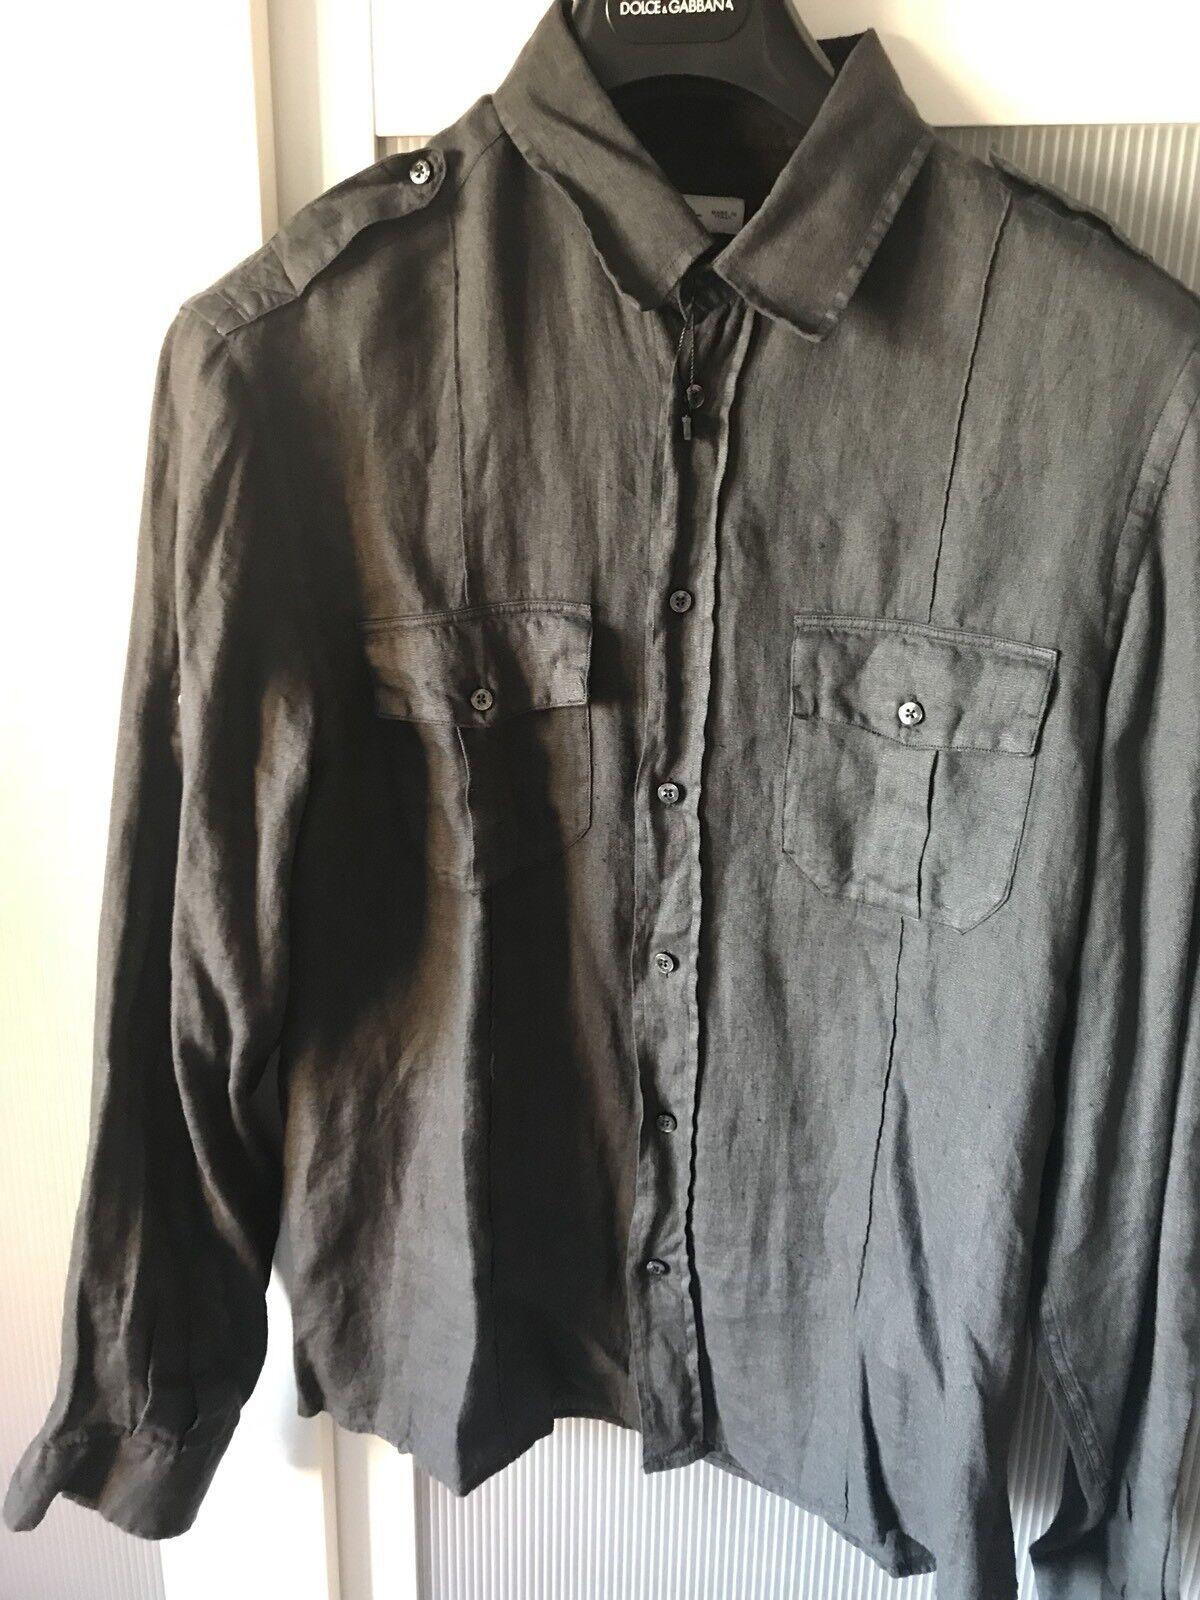 ETRO men linen shirt superb design and quality 100% authentic size L